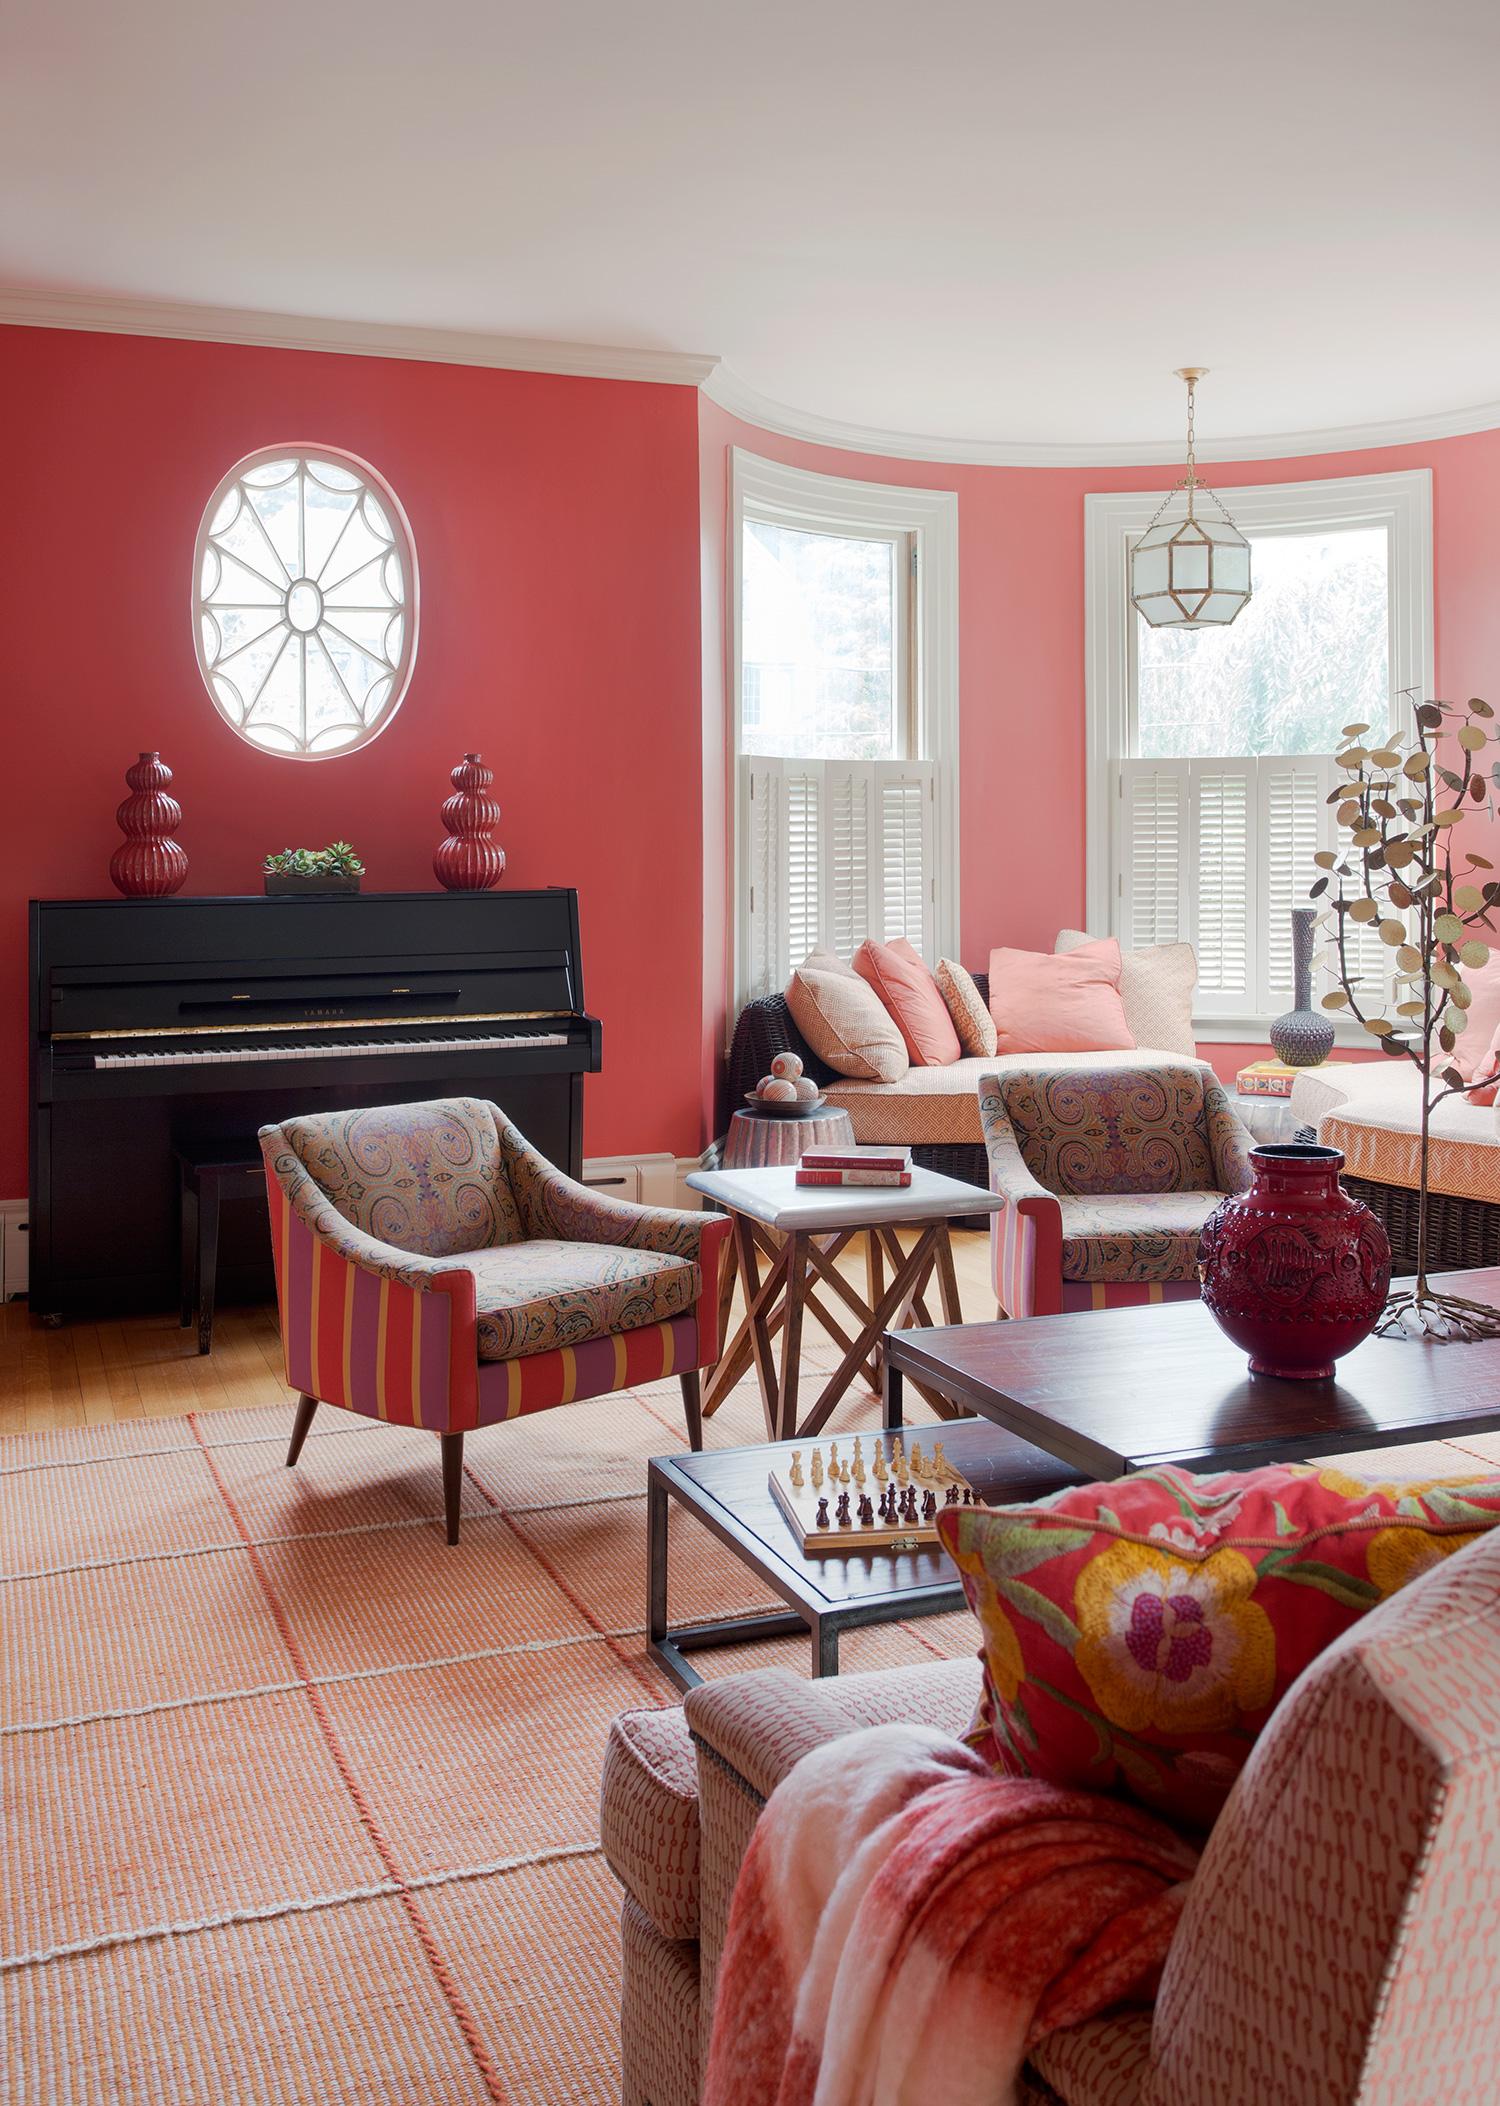 Heidi pribell interior designer boston ma victorian mod for Interior designers in boston ma